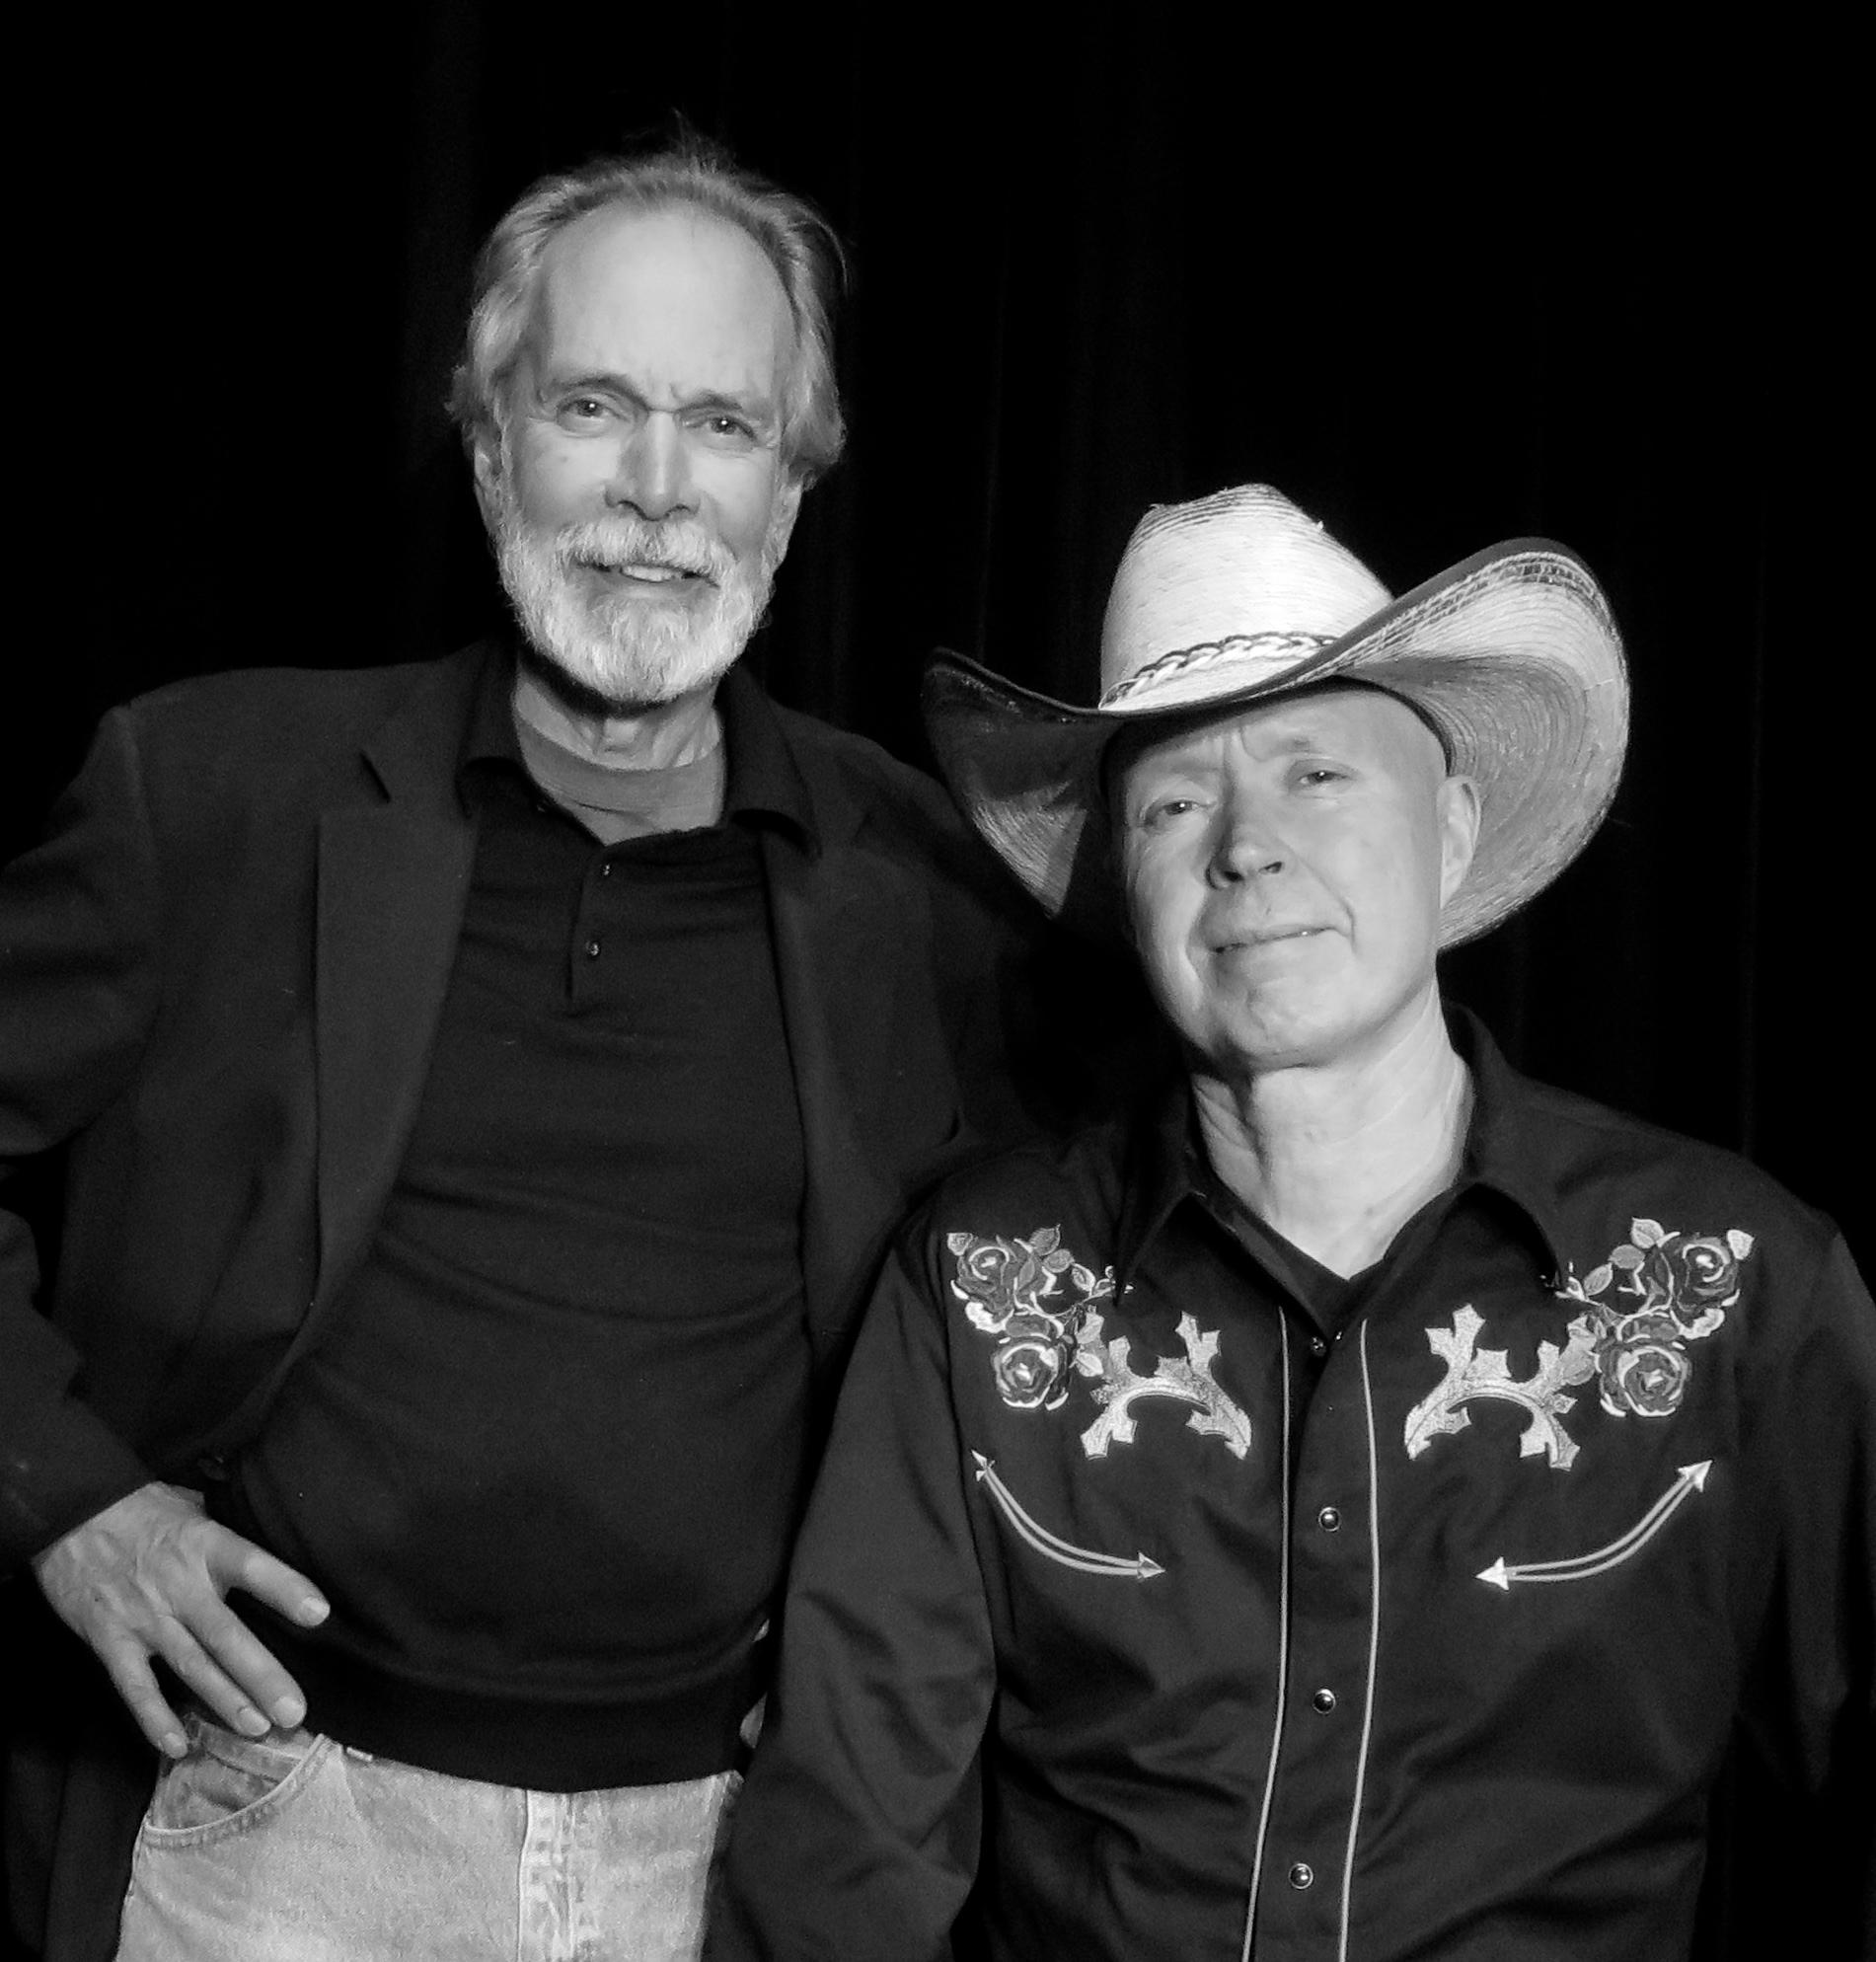 El Juan & Tom Driscoll Return Tour - Live Concert